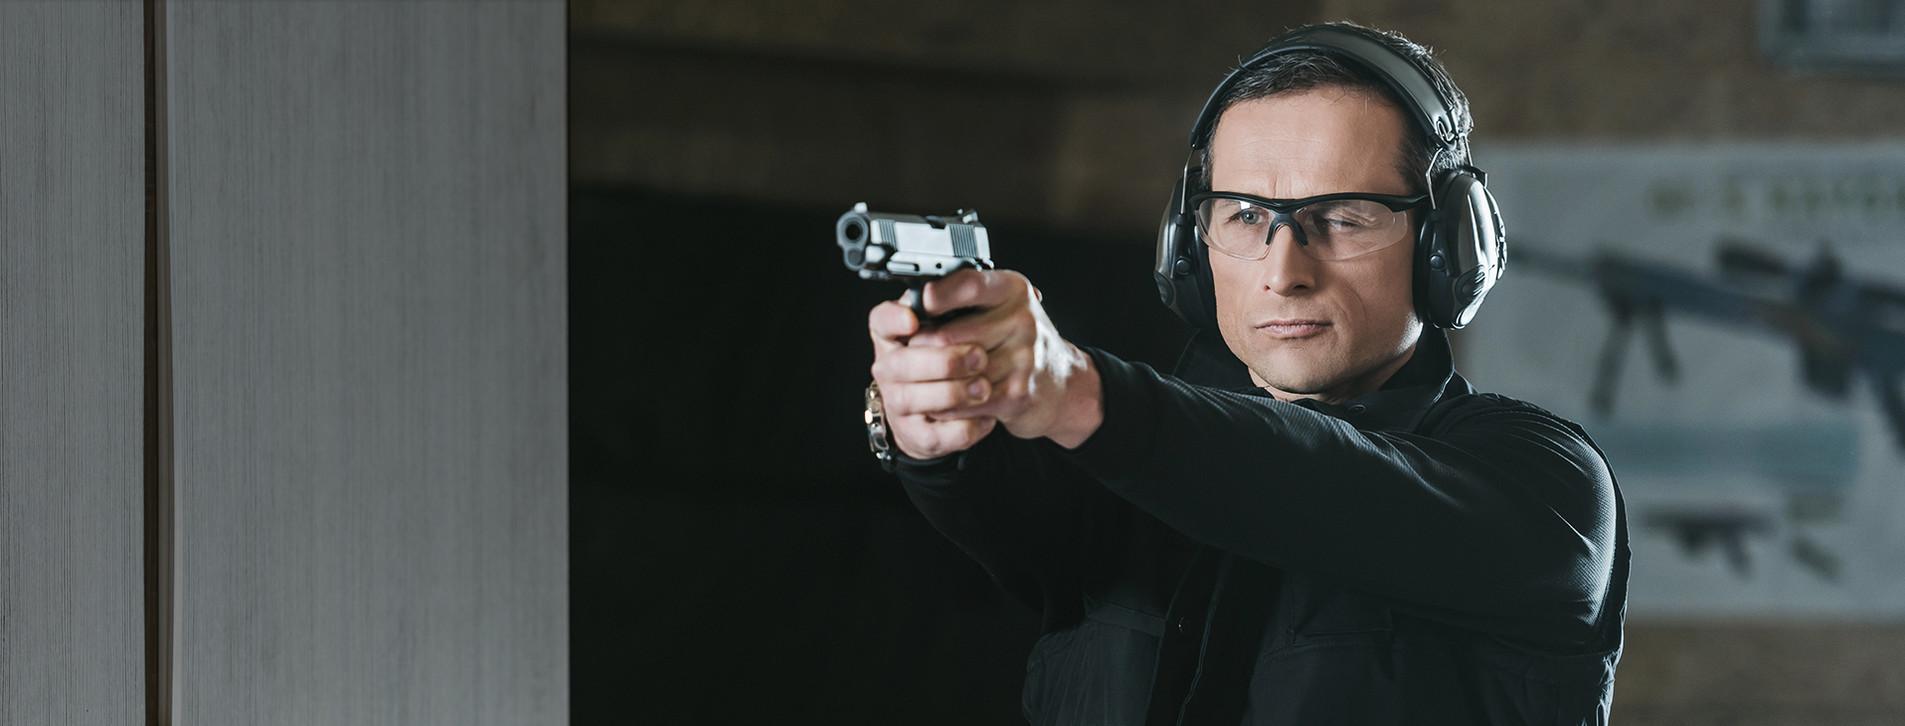 Фото 1 - Стрельба из травматического пистолета